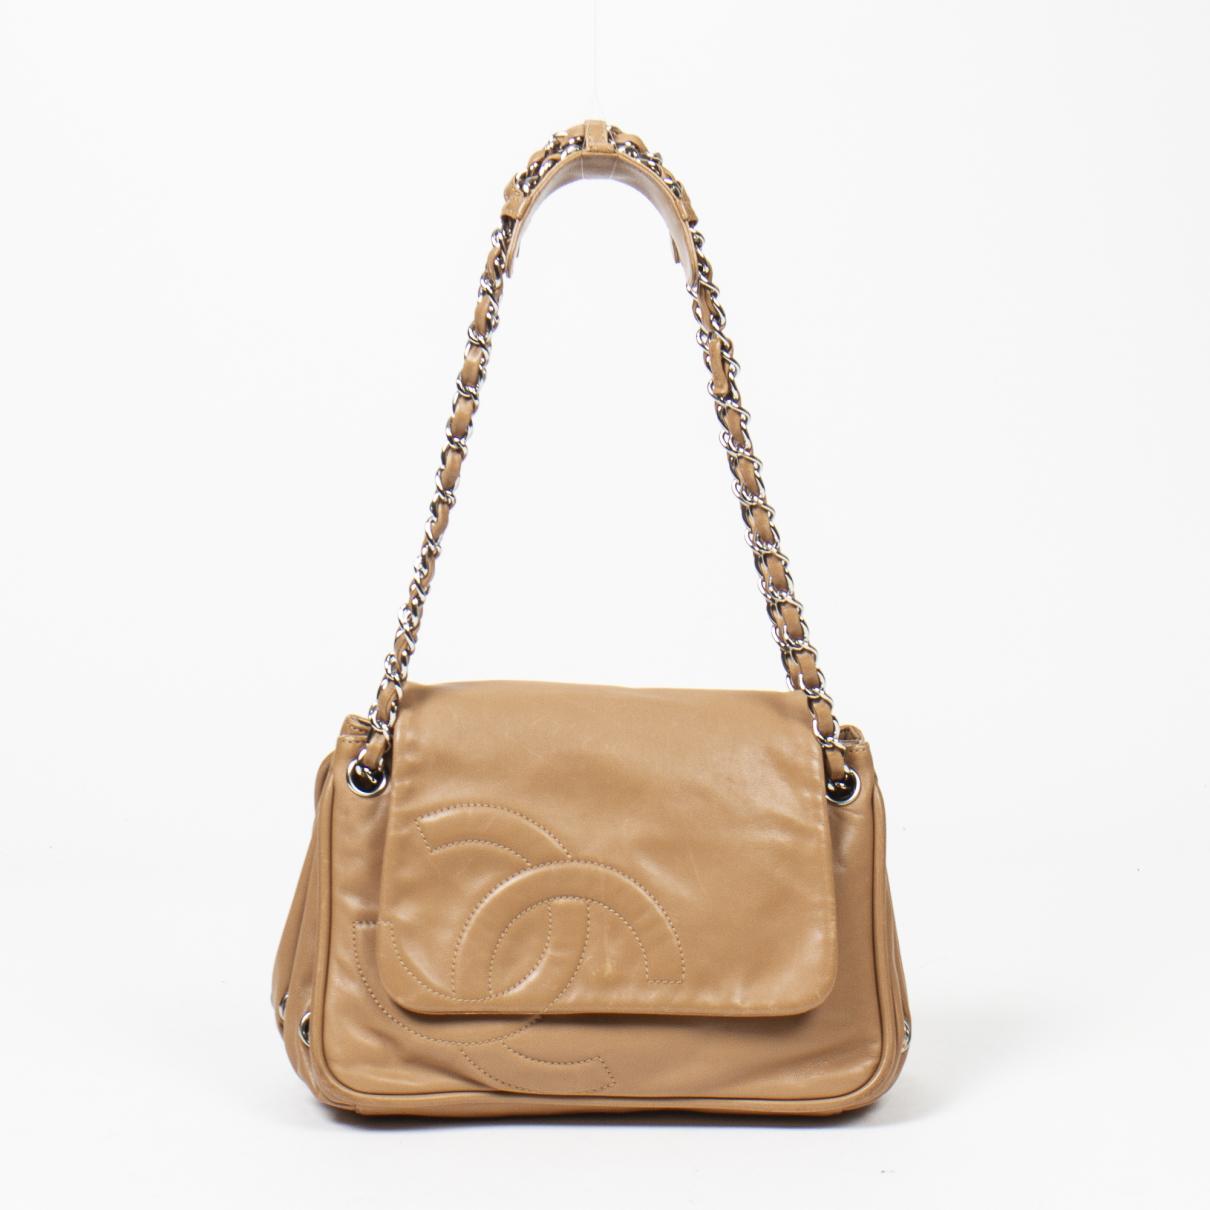 Chanel - Sac a main Timeless/Classique pour femme en cuir - marron